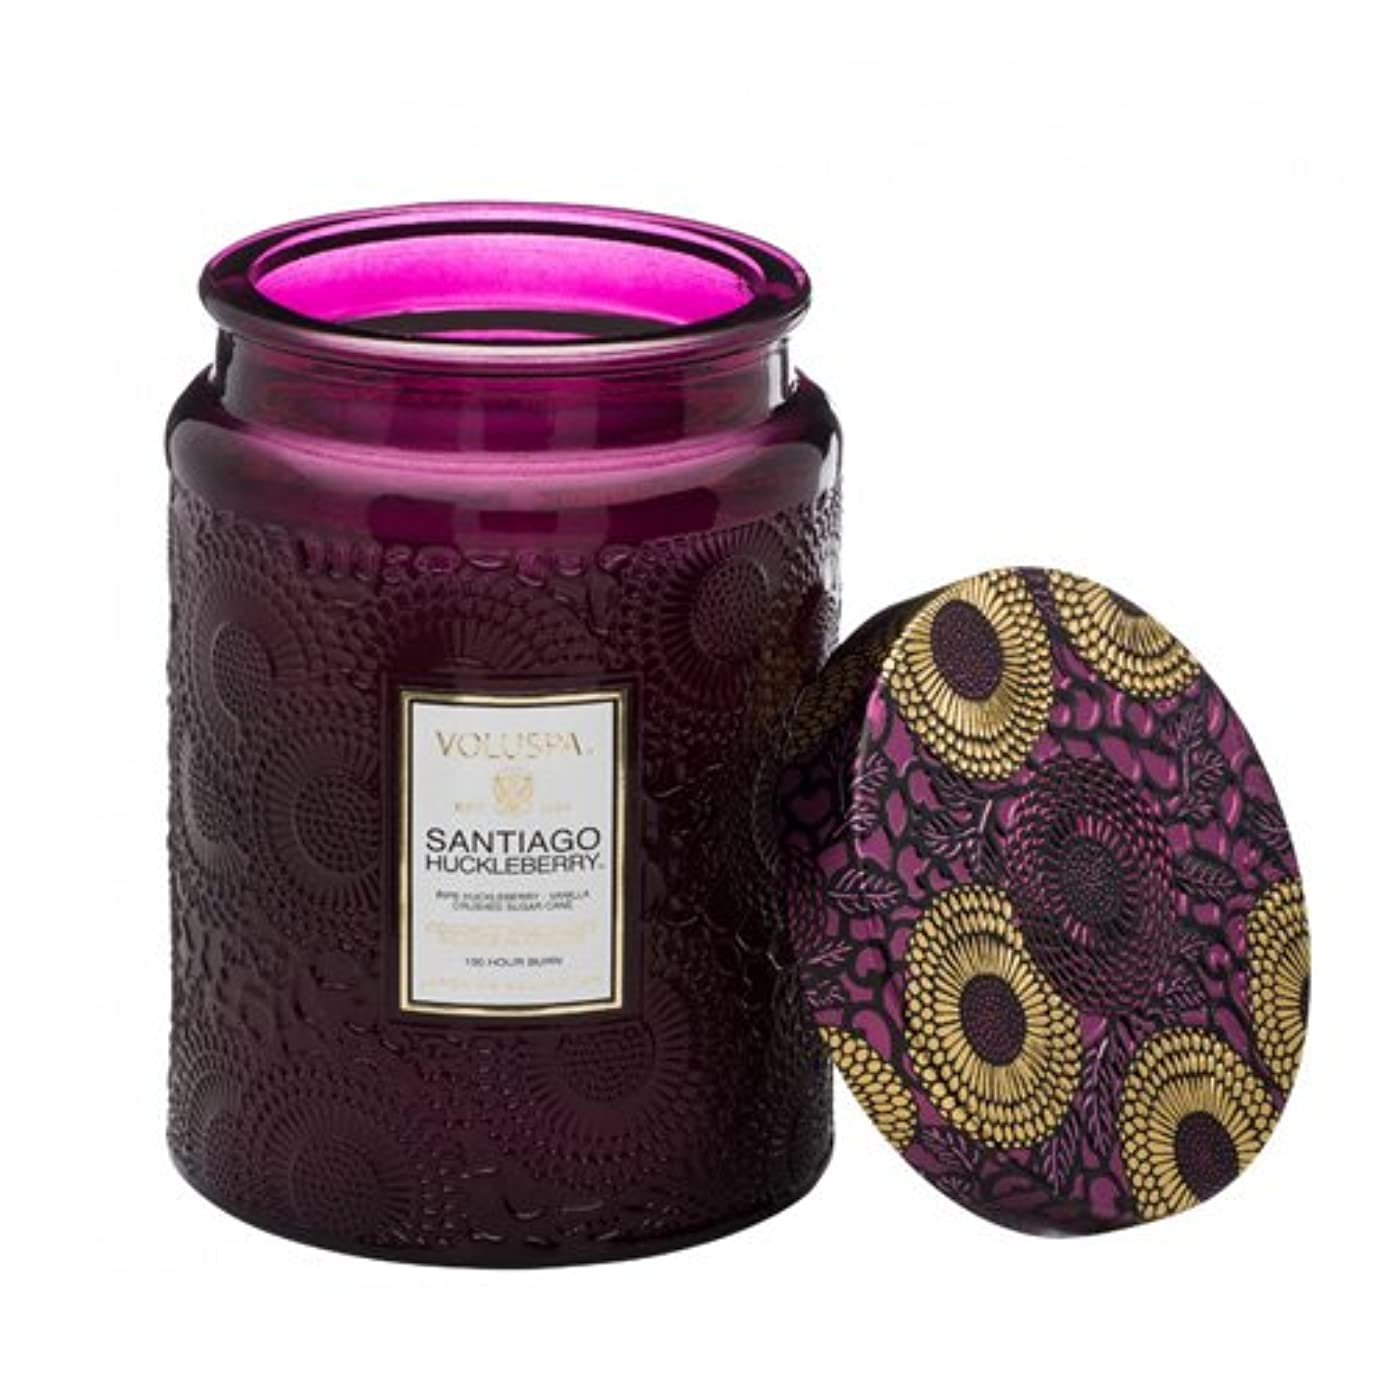 影響する強制的環境Voluspa ボルスパ ジャポニカ リミテッド グラスジャーキャンドル  L サンティアゴ ハックルベリー SANTIAGO HUCKLEBERRY JAPONICA Limited LARGE EMBOSSED Glass jar candle